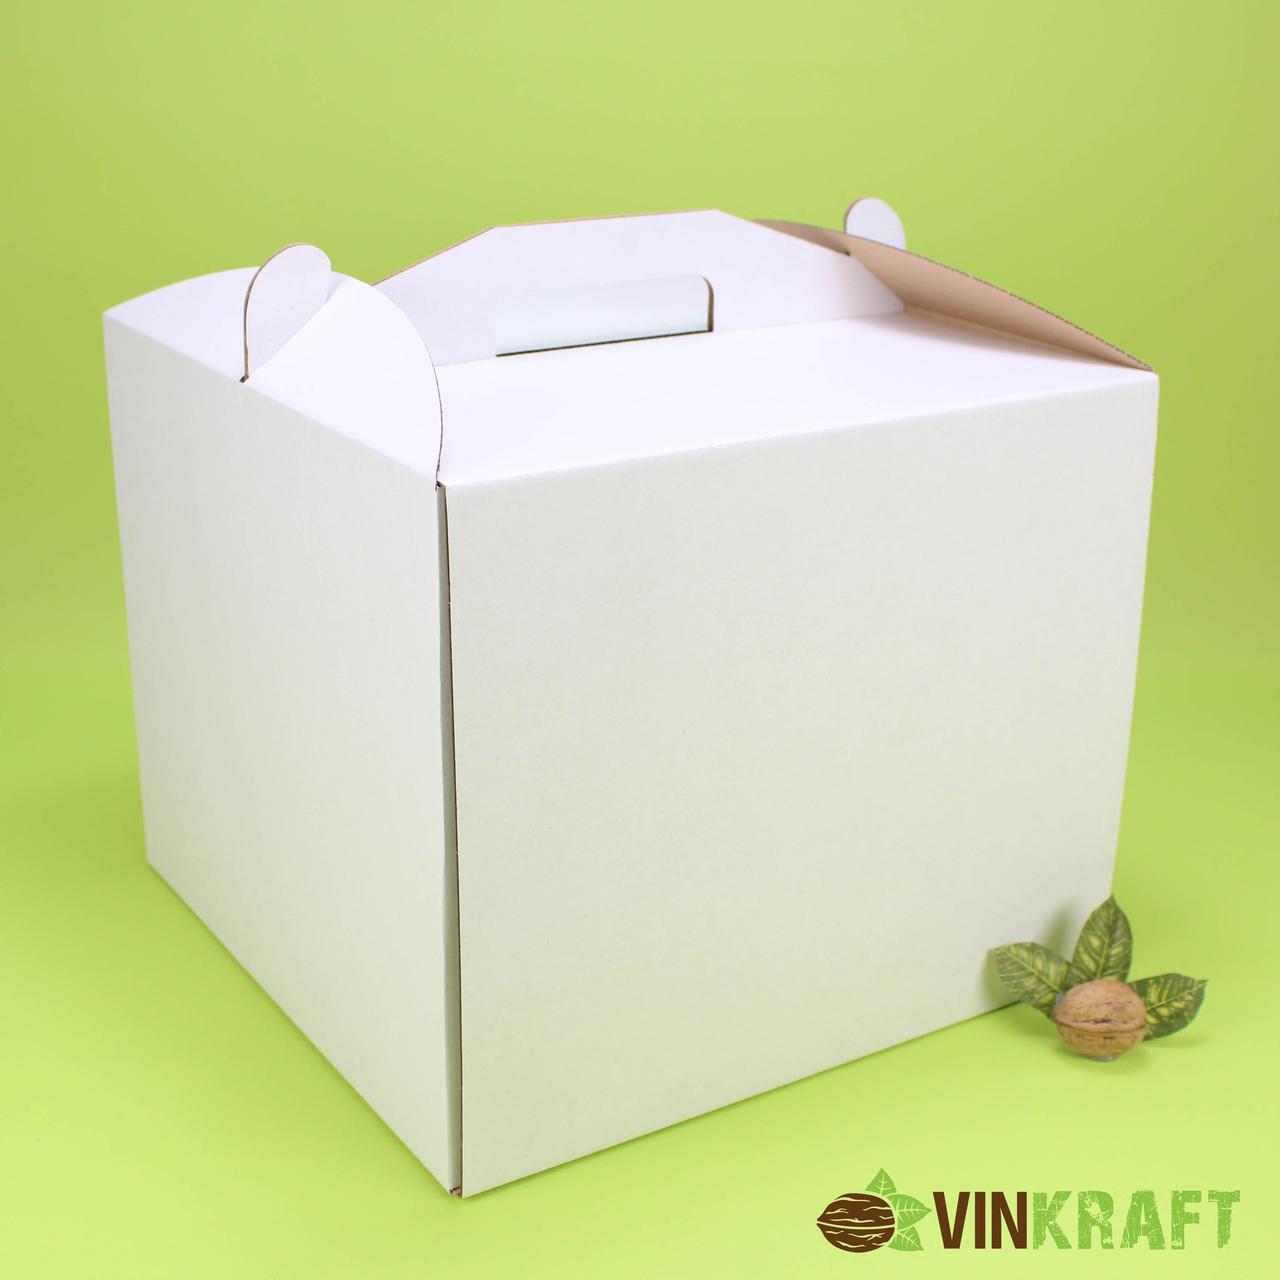 Коробка 300*300*250 для торта з ручками, гофрокартон